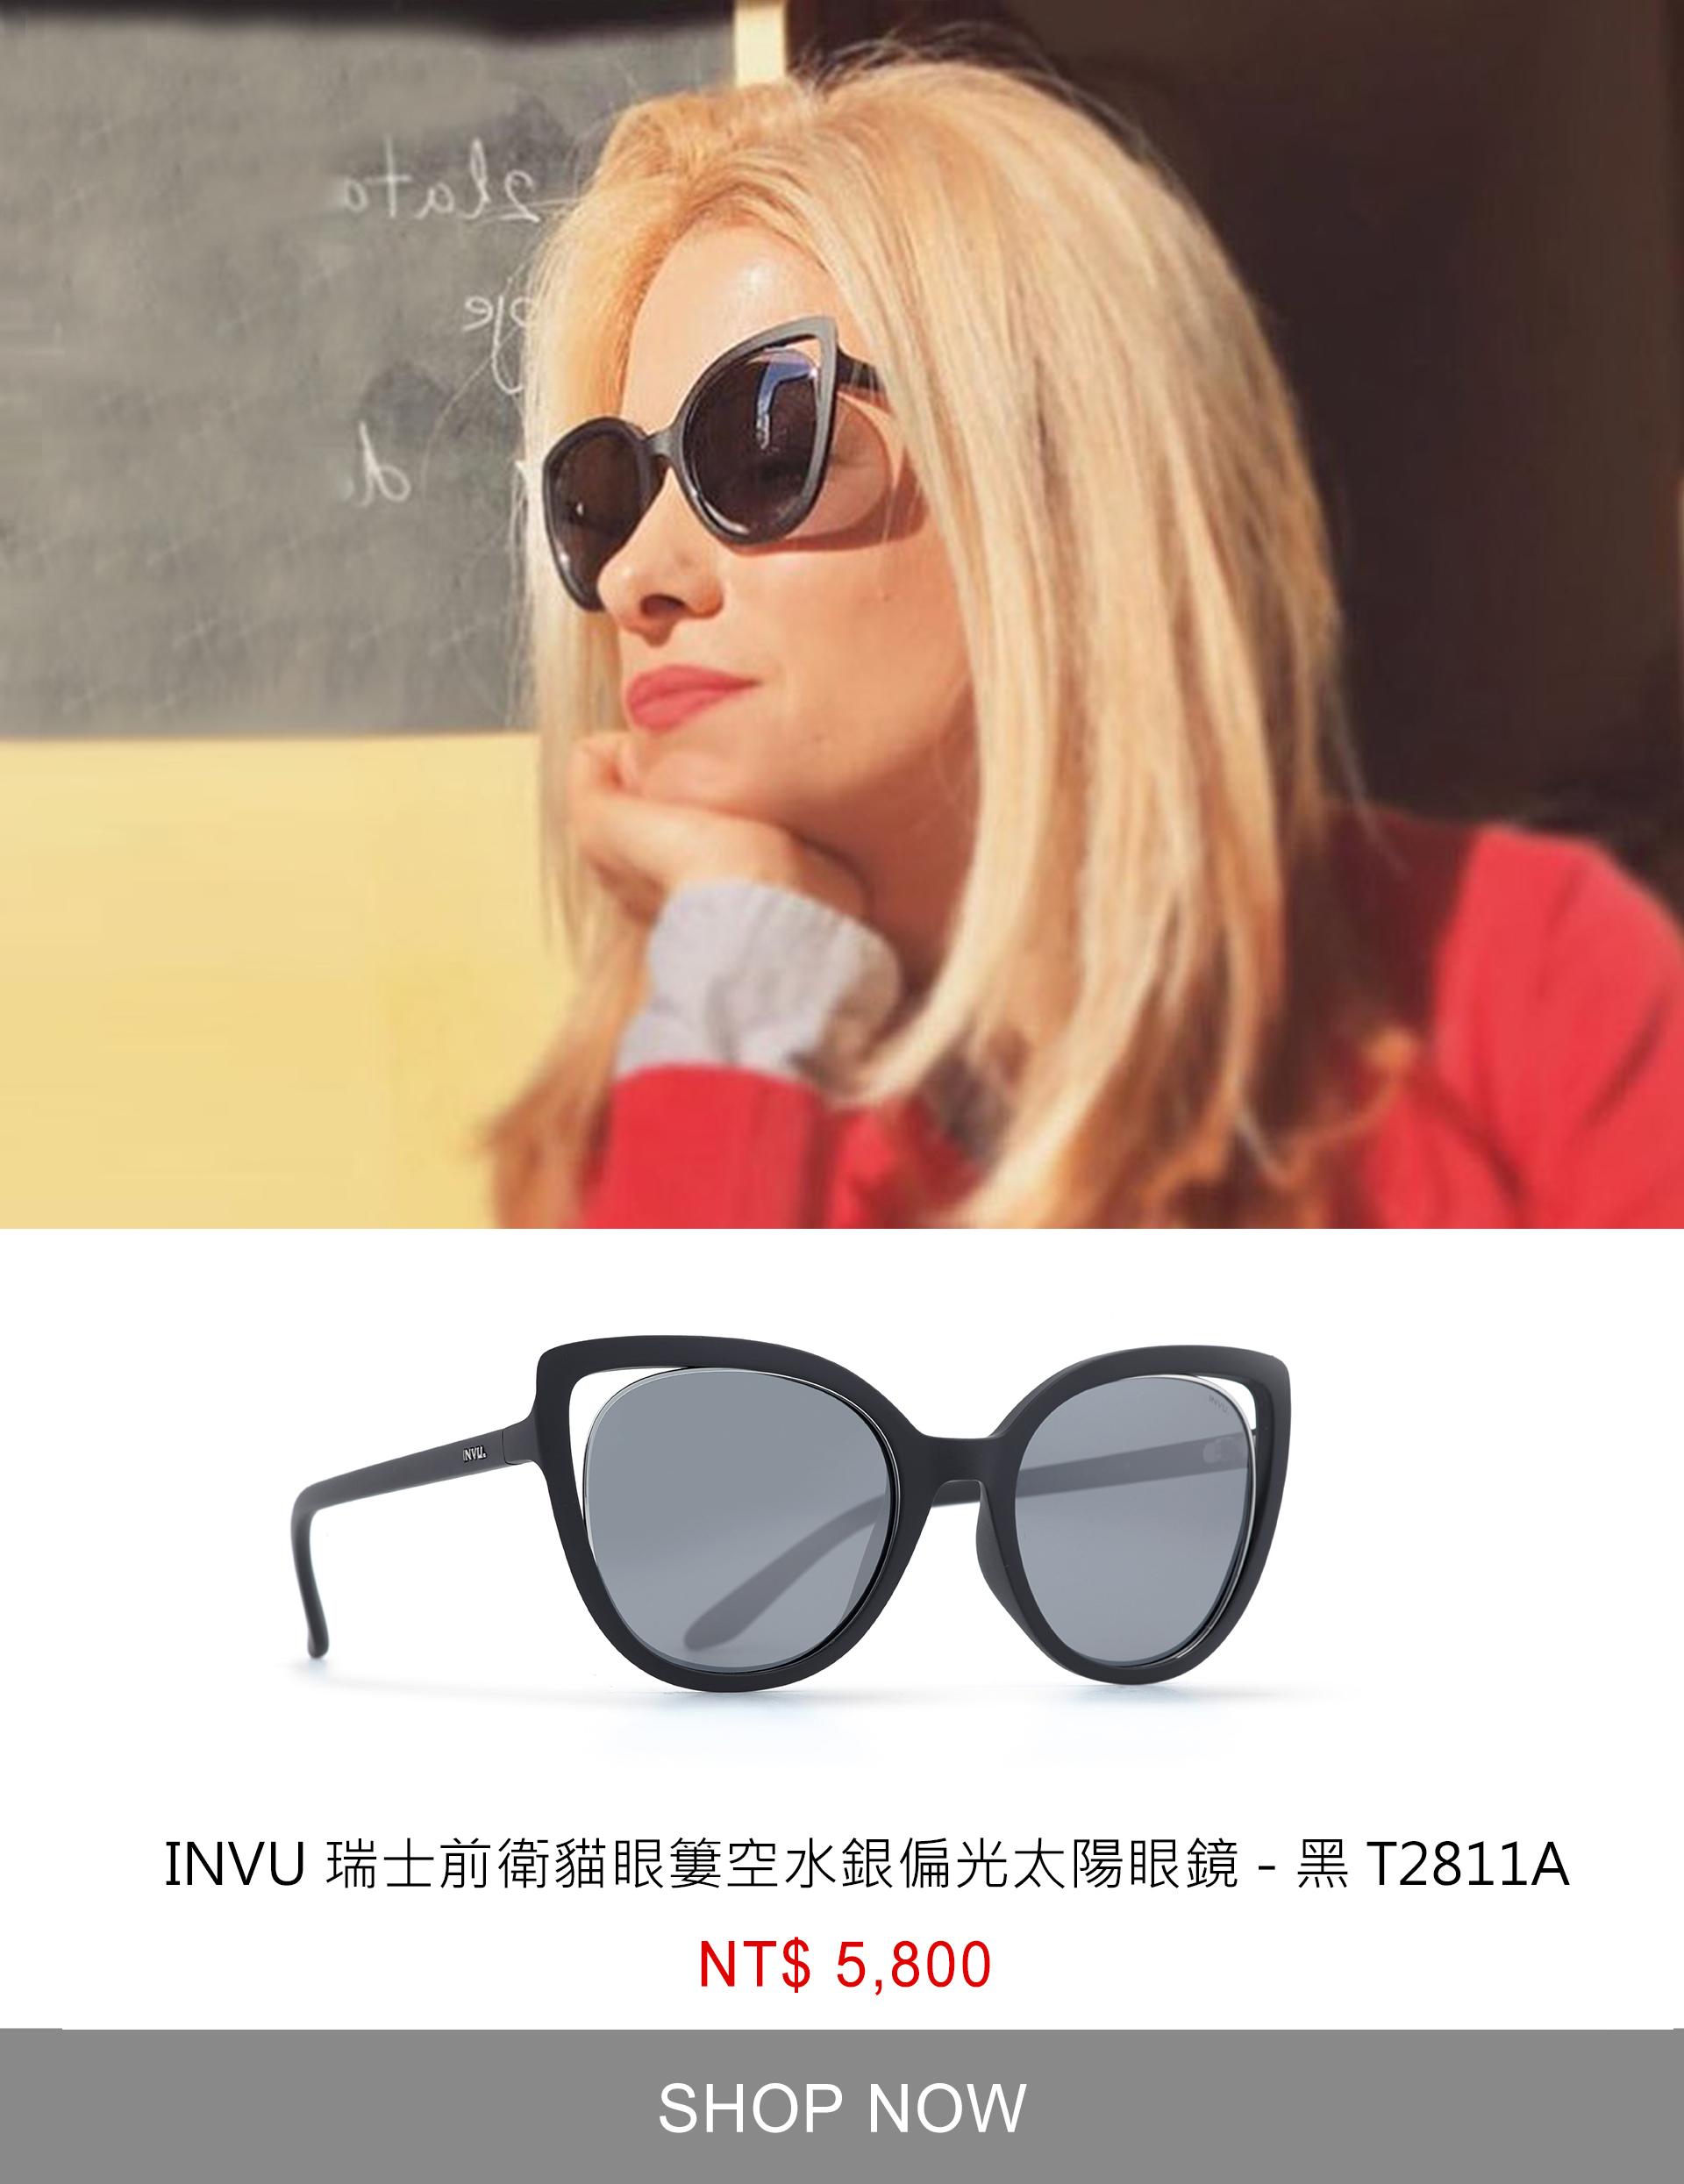 【INVU】瑞士前衛貓眼簍空水銀偏光太陽眼鏡(黑) T2811A